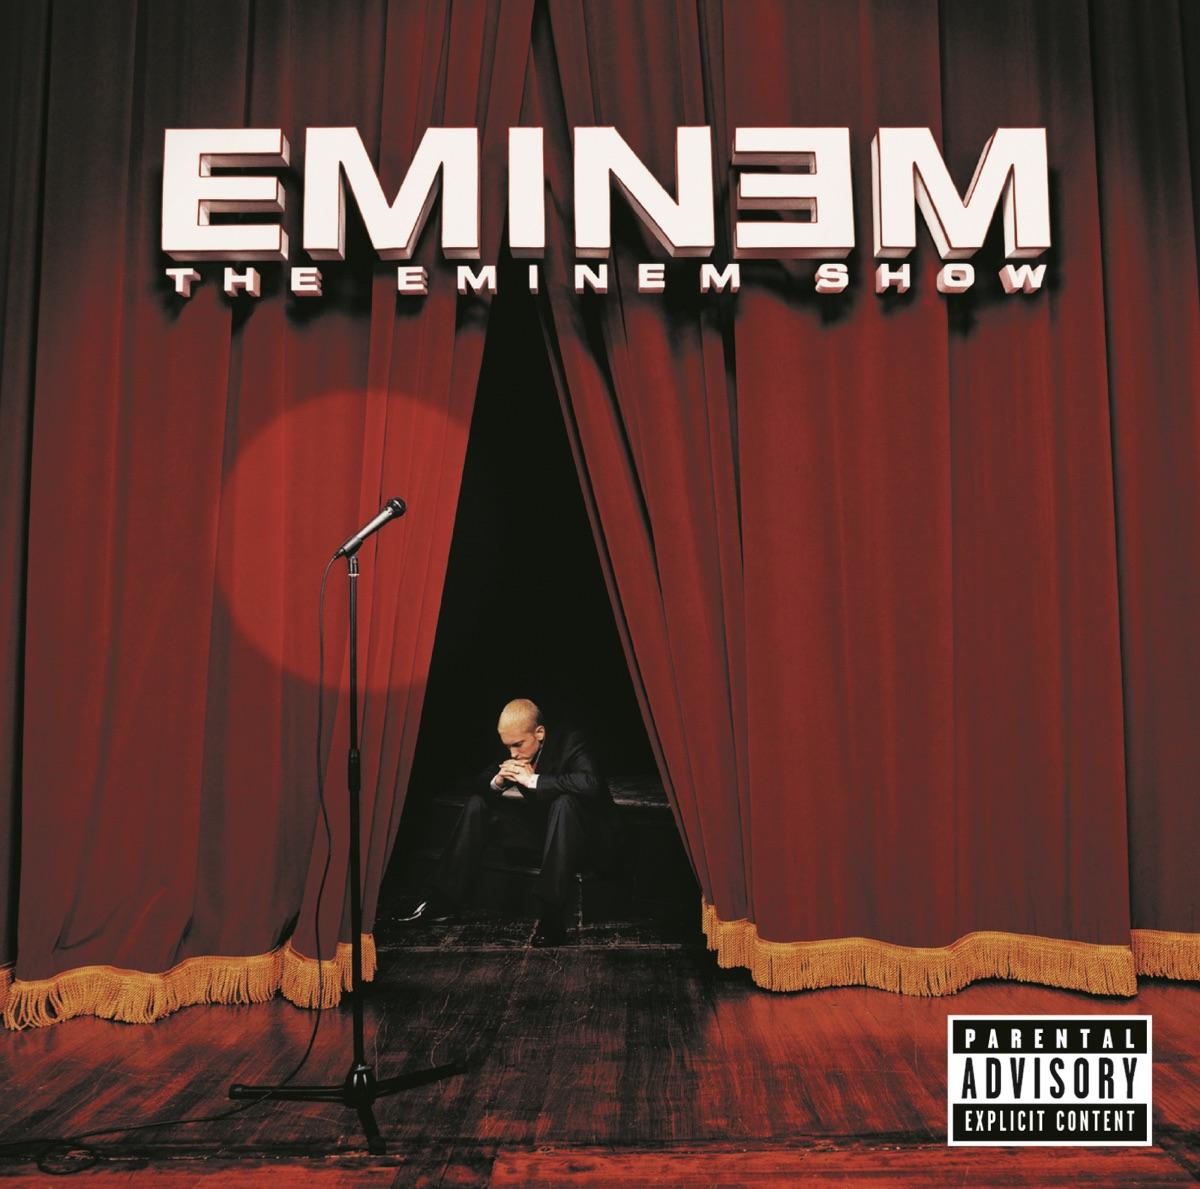 The Eminem Show Eminem CD cover